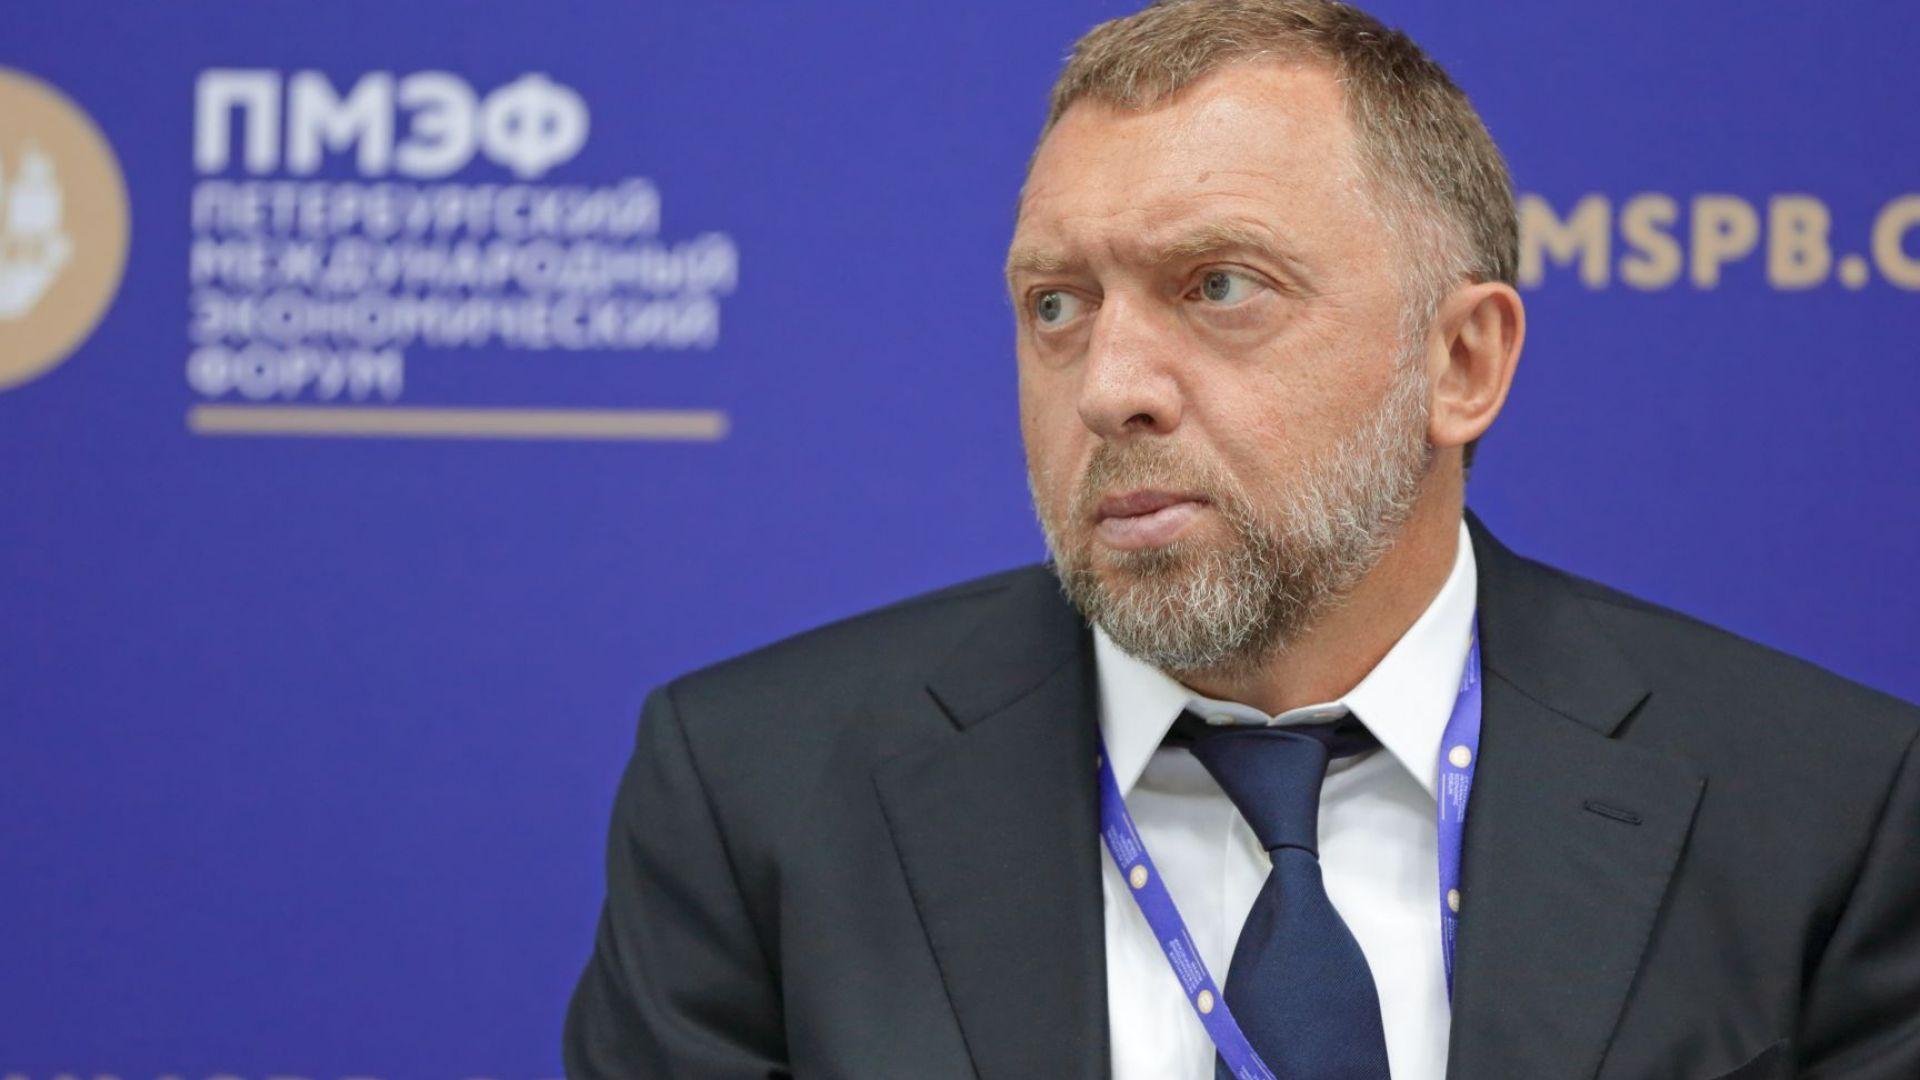 """Дерипаска връща 3 самолета """"Гълфстрийм 550"""" заради US санкциите"""